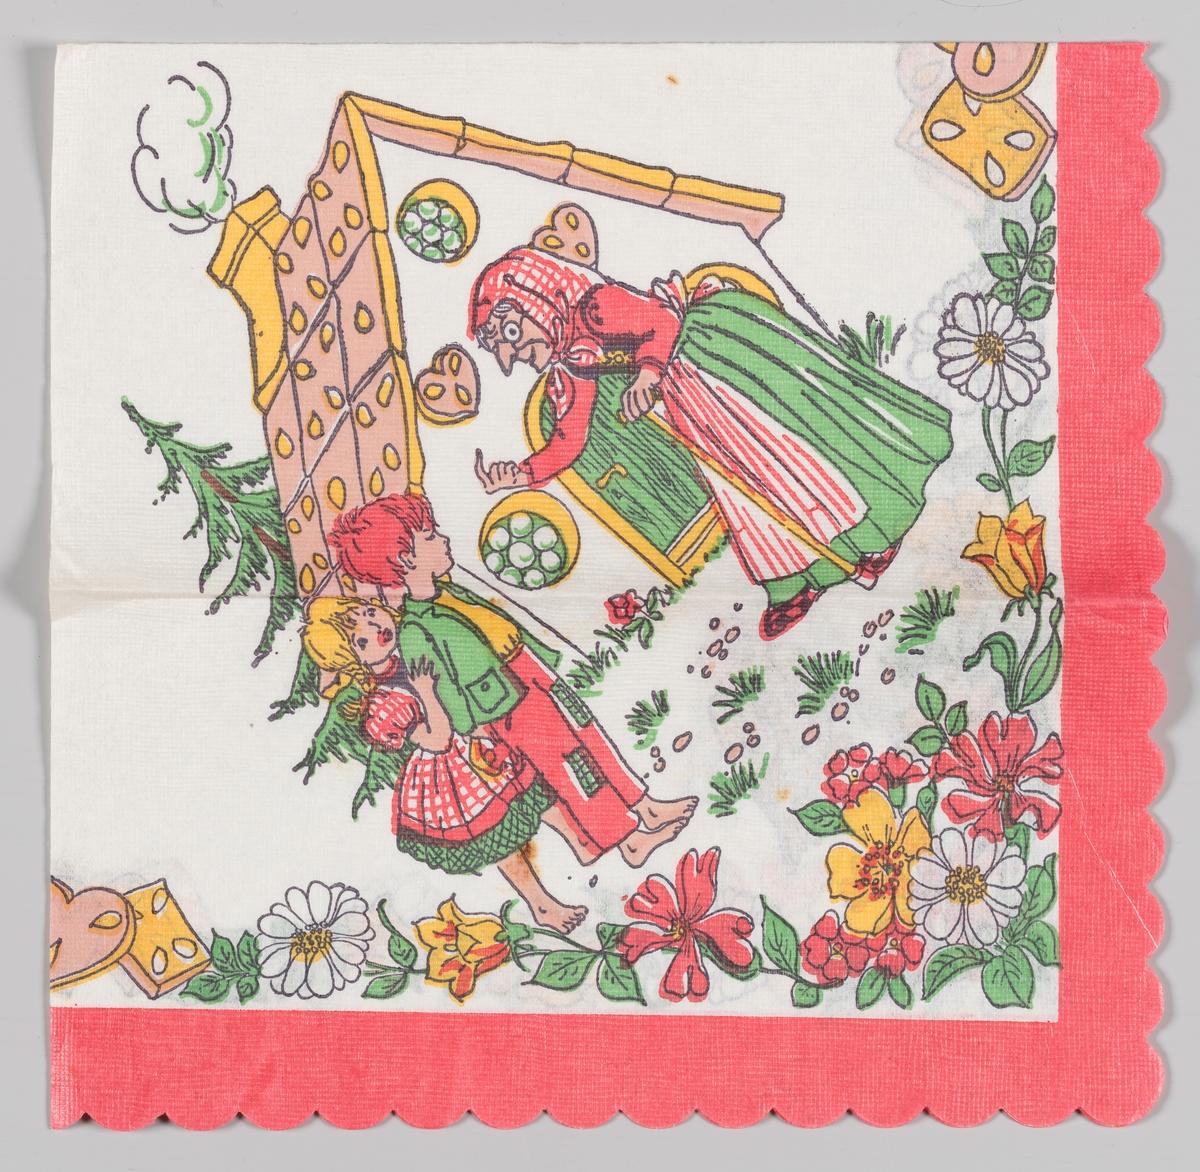 Hans og Grete. Heksen lokker Hans og Grete inn i pannekakehuset. Rød kant og blomster.